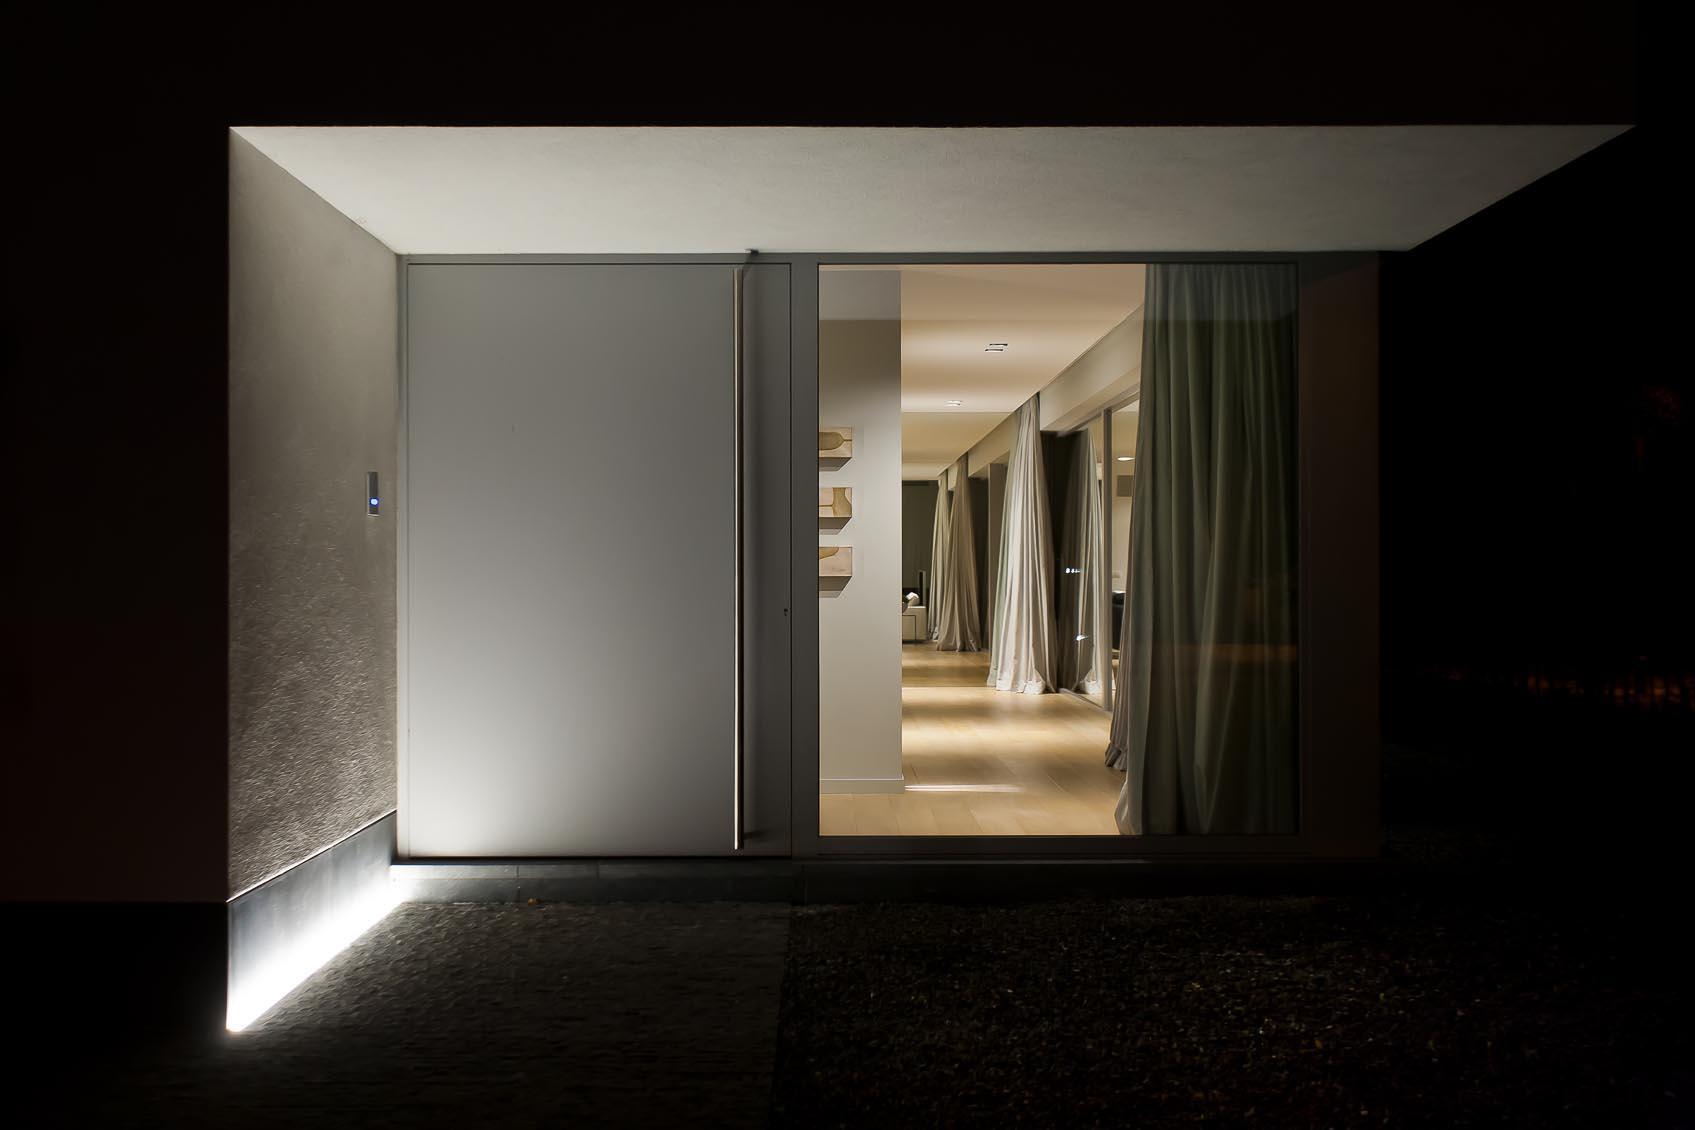 lichtstudie voor nieuwbouw met inbouw lichtlijn c2 in vloer in gevel